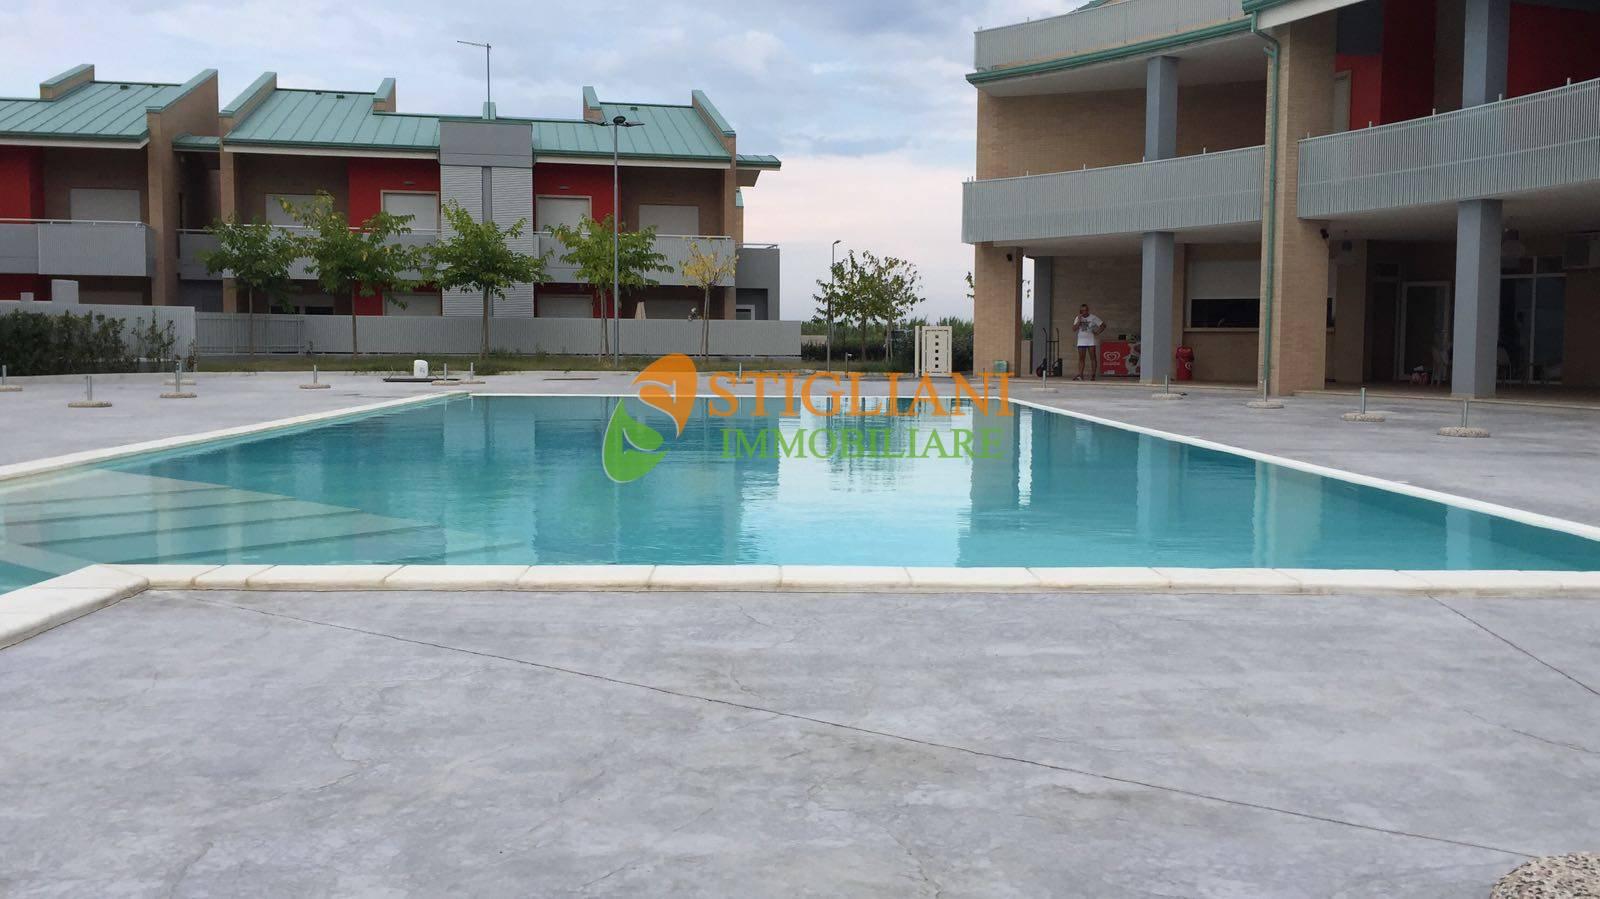 Appartamento in vendita a Montenero di Bisaccia, 3 locali, Trattative riservate   CambioCasa.it